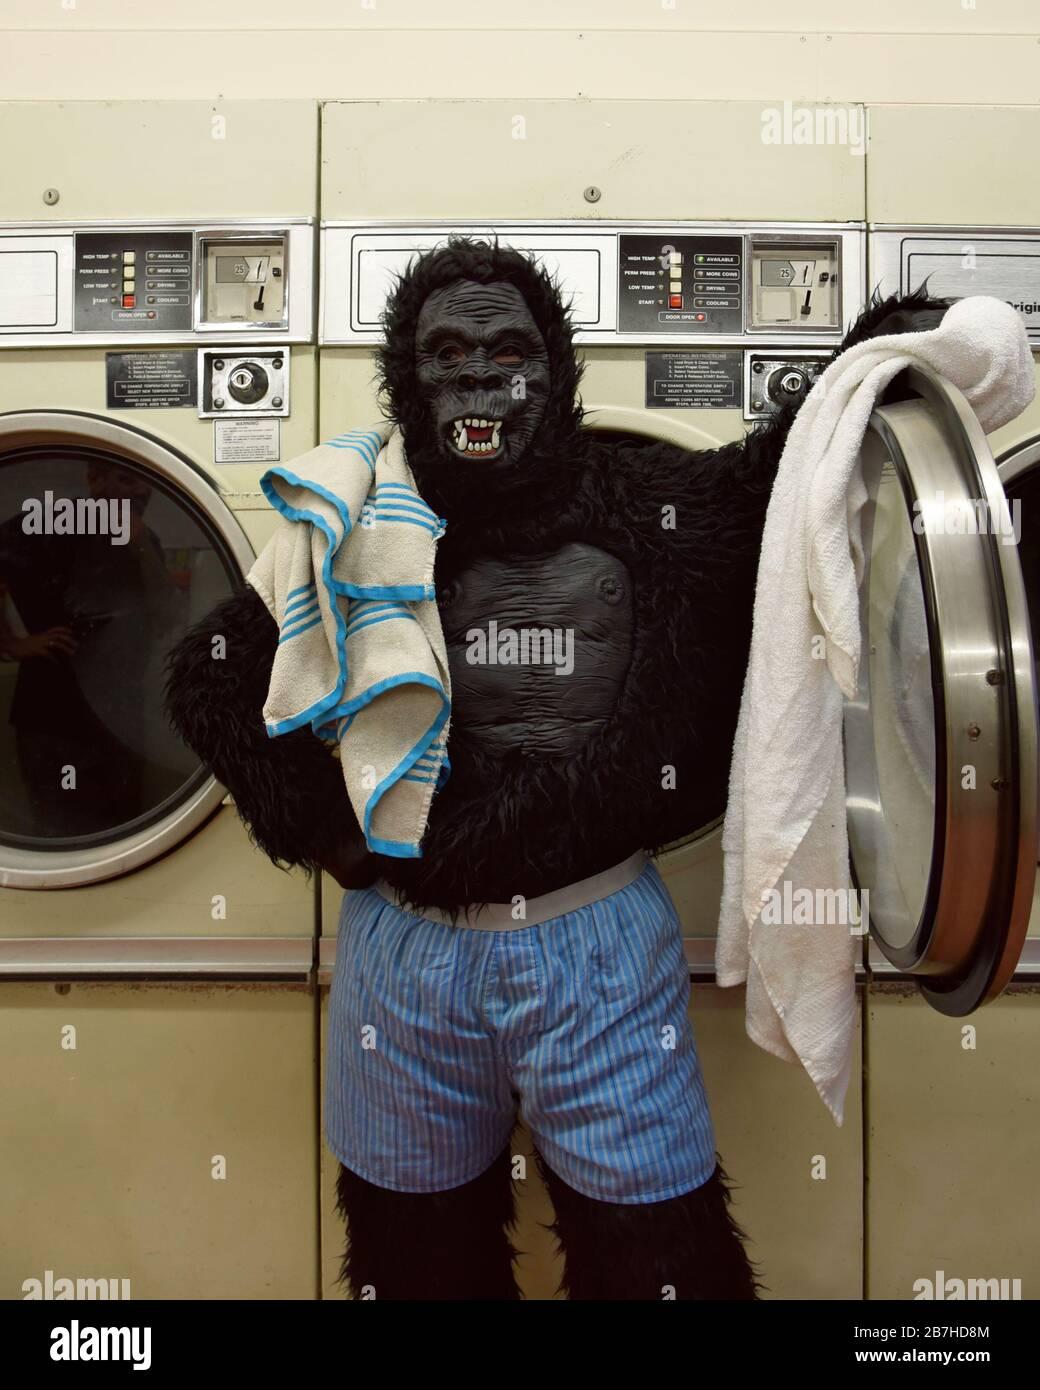 Une personne dans un costume de gorille est debout à une laverie automatique portant des boxers lavant des serviettes pour un concept drôle de responsabilité. Banque D'Images